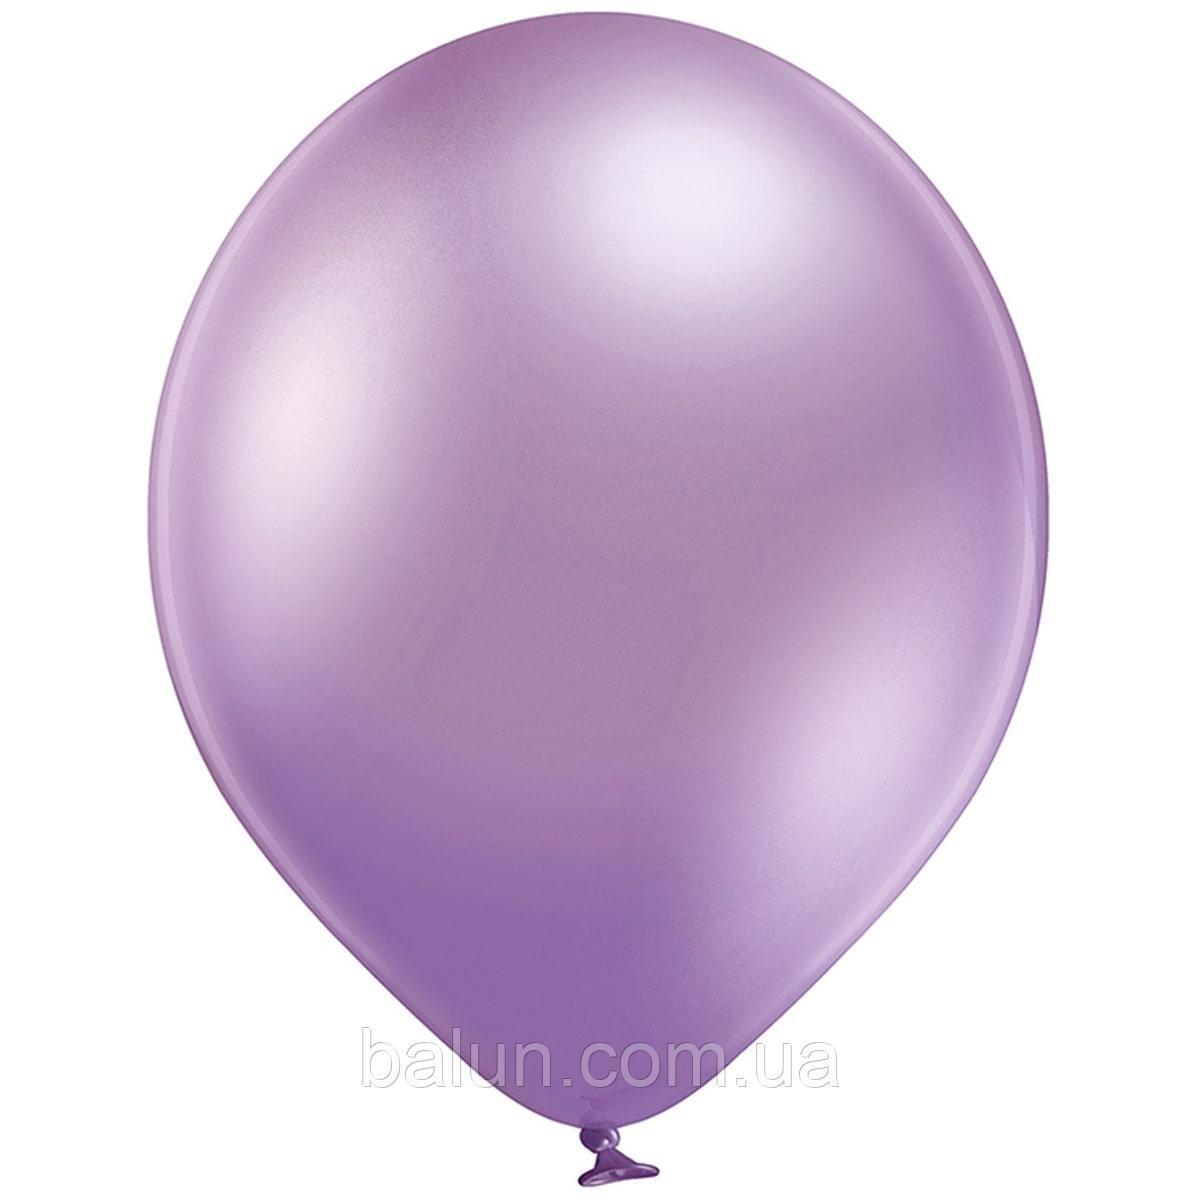 BelBal B105/602 Хром фіолетовий glossy purple (25 шт)